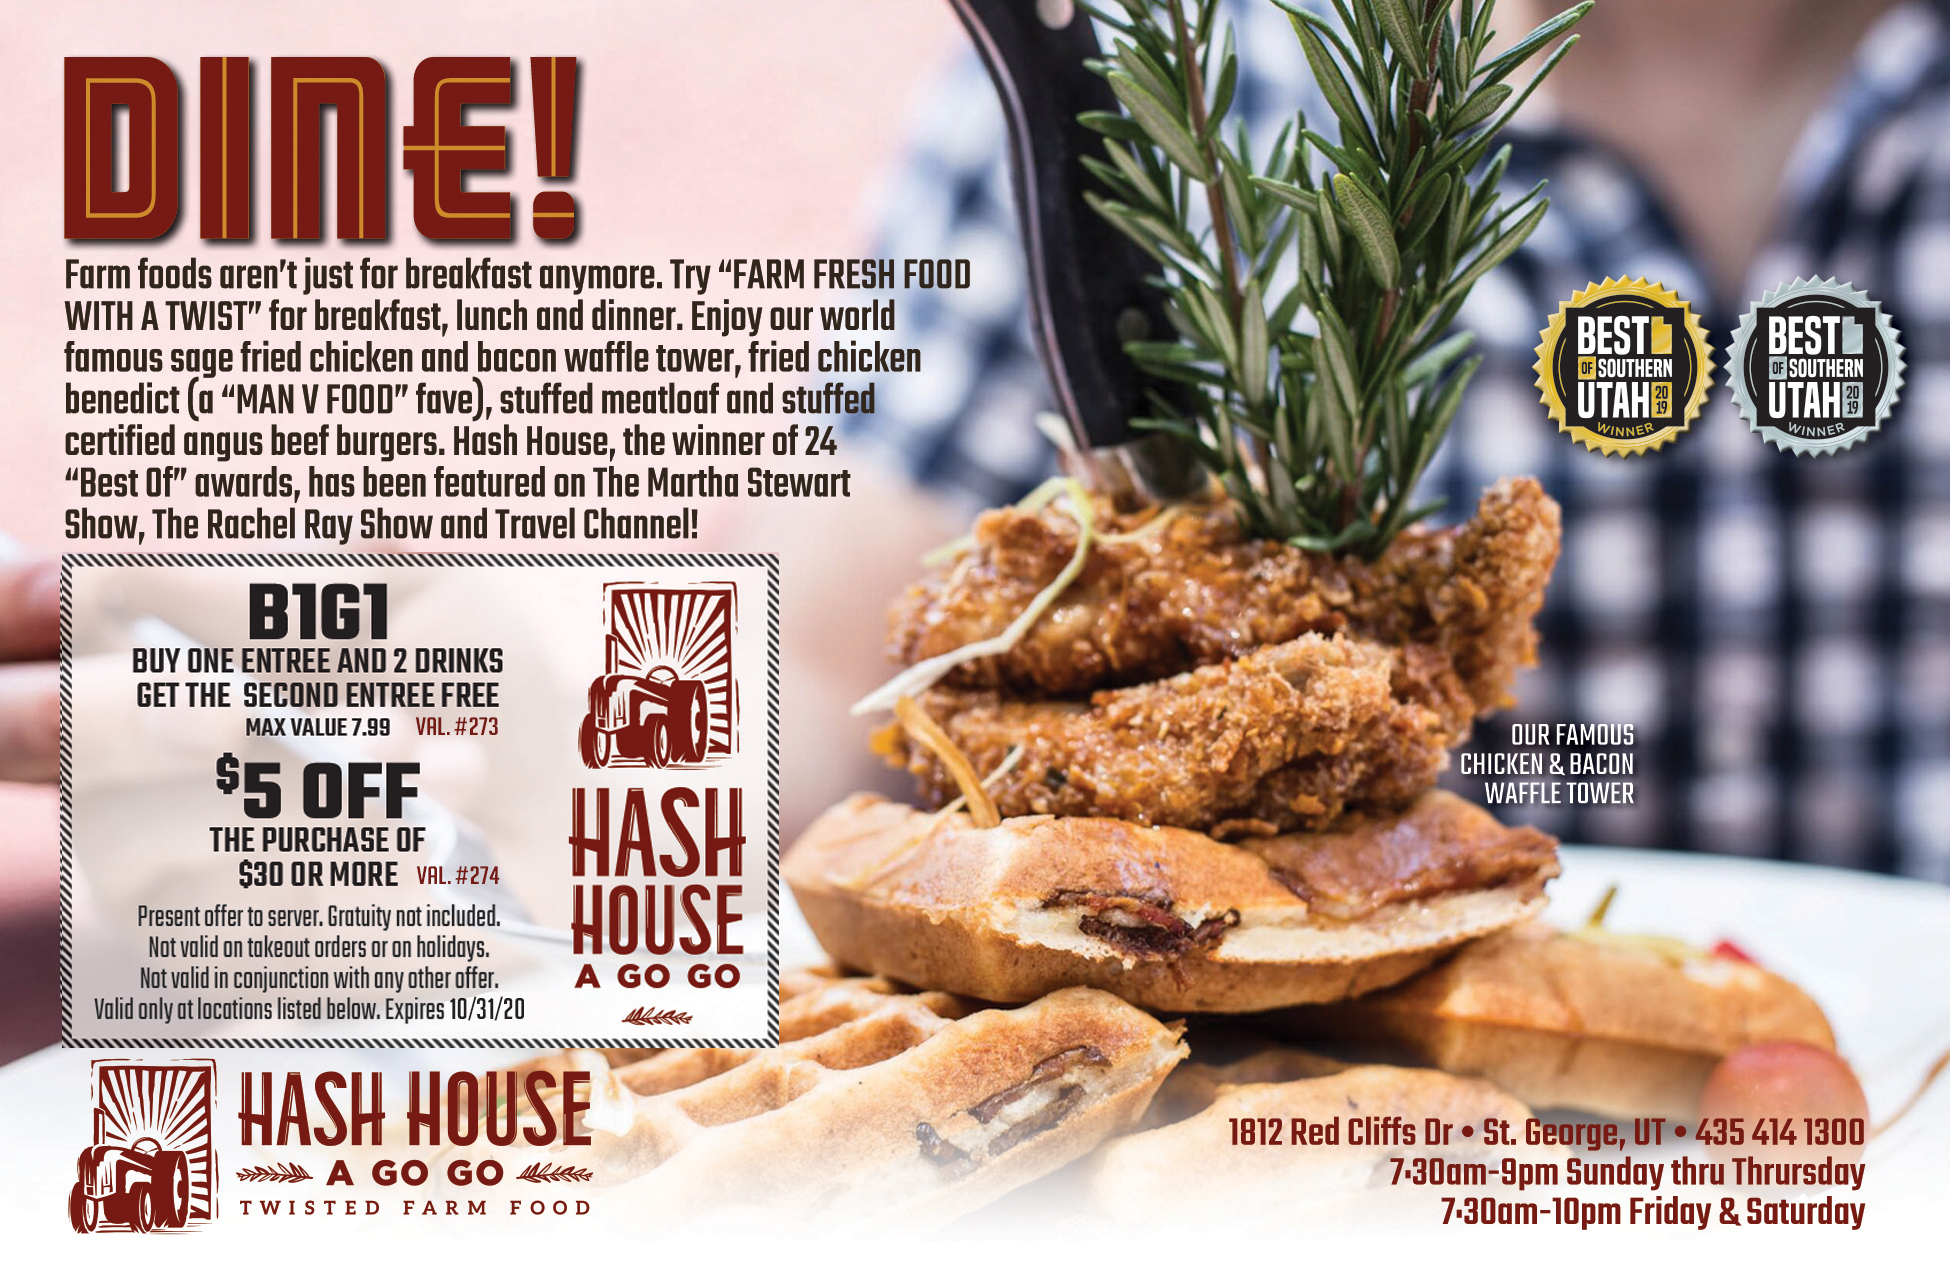 Hash House A Go Go Twisted Farm Food